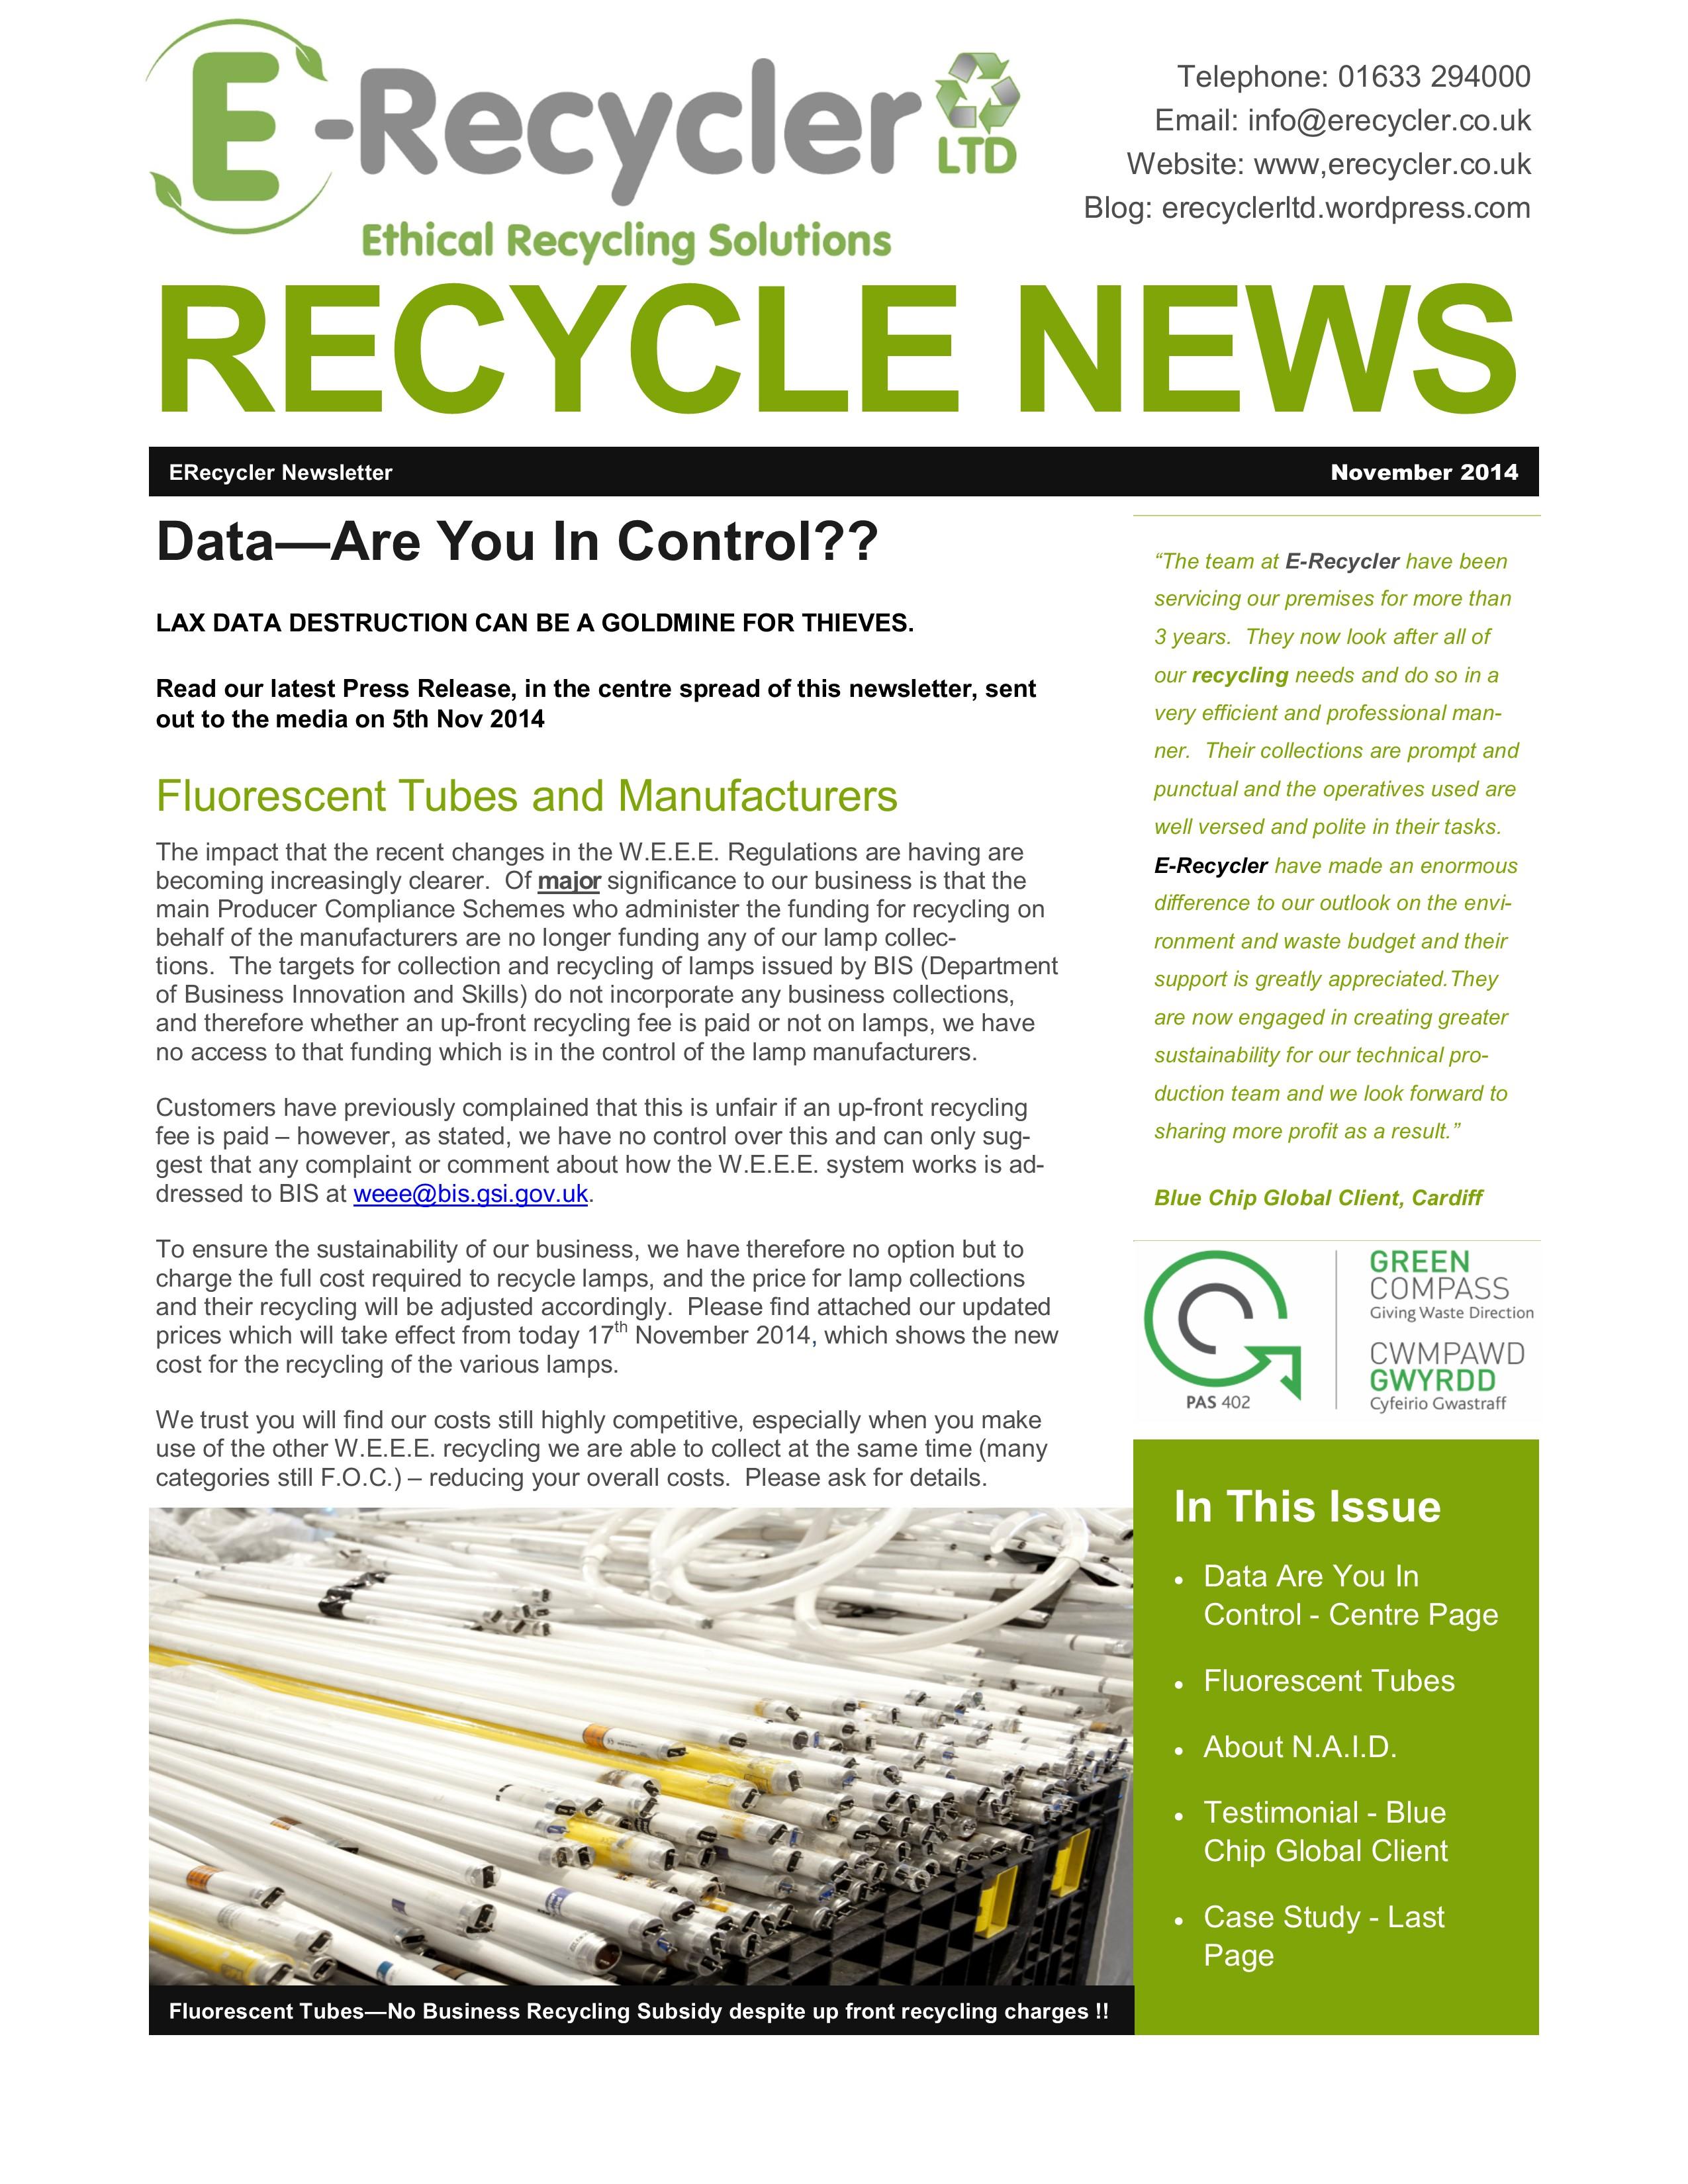 November Business Newsletter